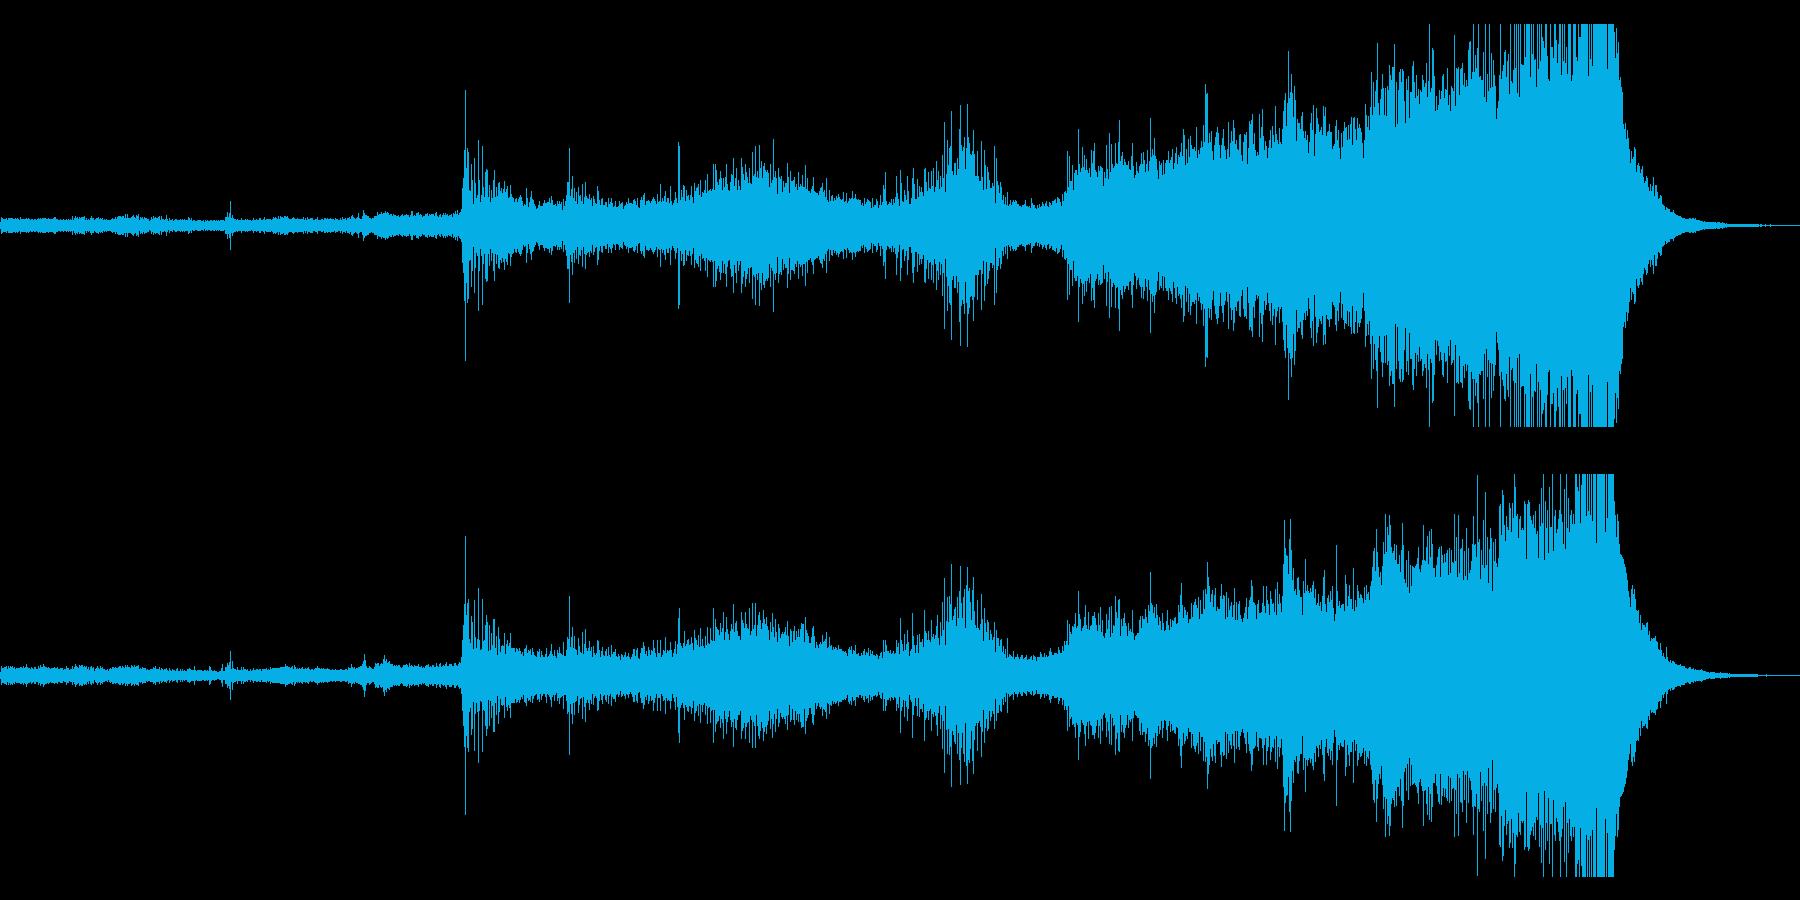 不吉な予兆を駆り立たせるエスニック風音楽の再生済みの波形